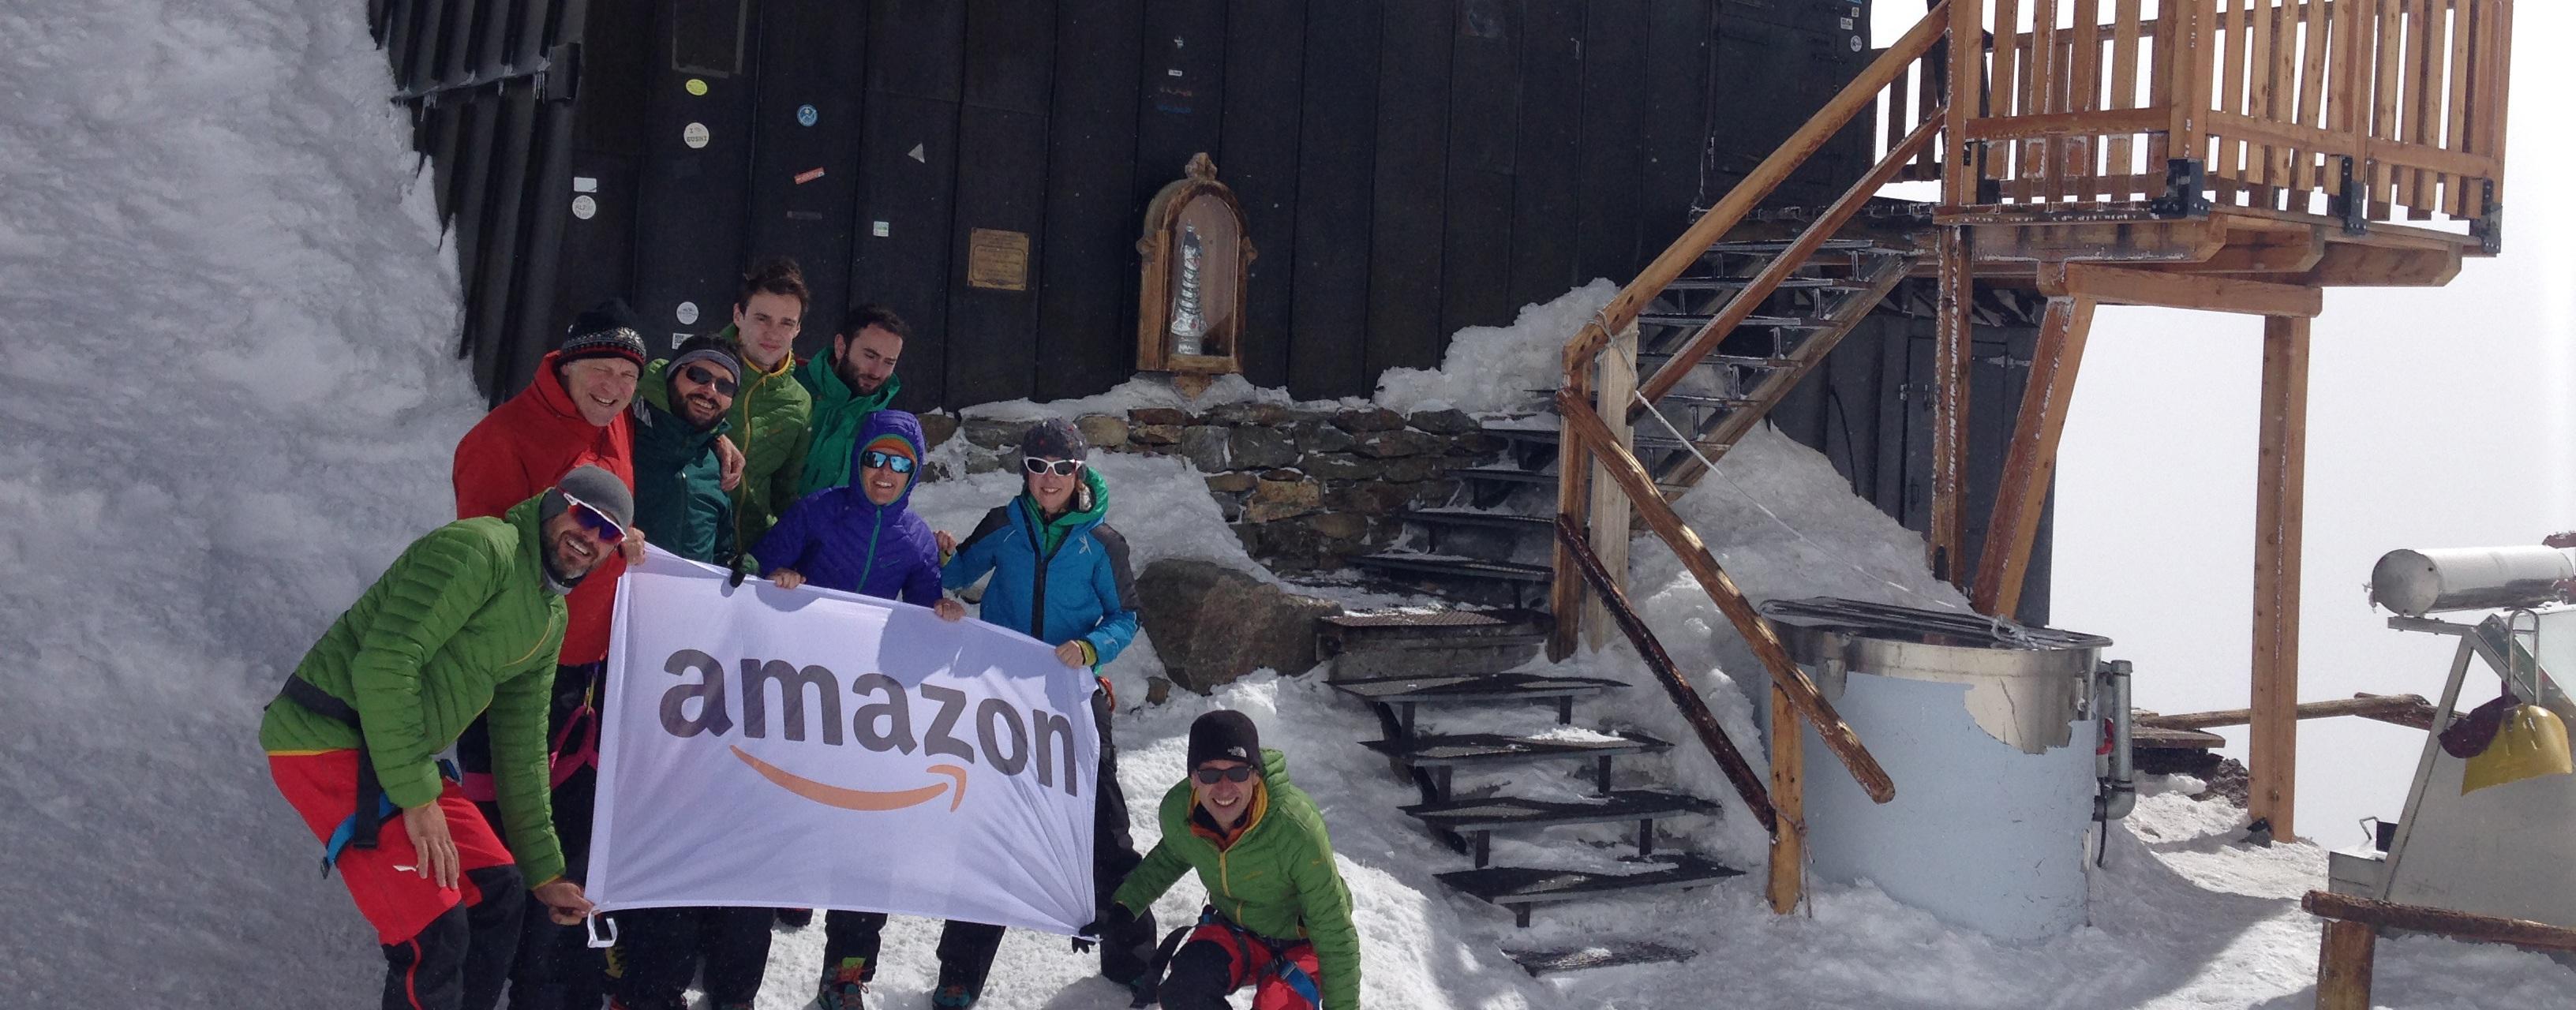 In Amazon, diamo un contributo alle comunità dove vivono i nostri dipendenti e clienti. I nostri contributi sono visibili sotto molti aspetti, e questi sono solo alcuni dei nostri sforzi per ricambiare il supporto ricevuto dalle comunità locali.